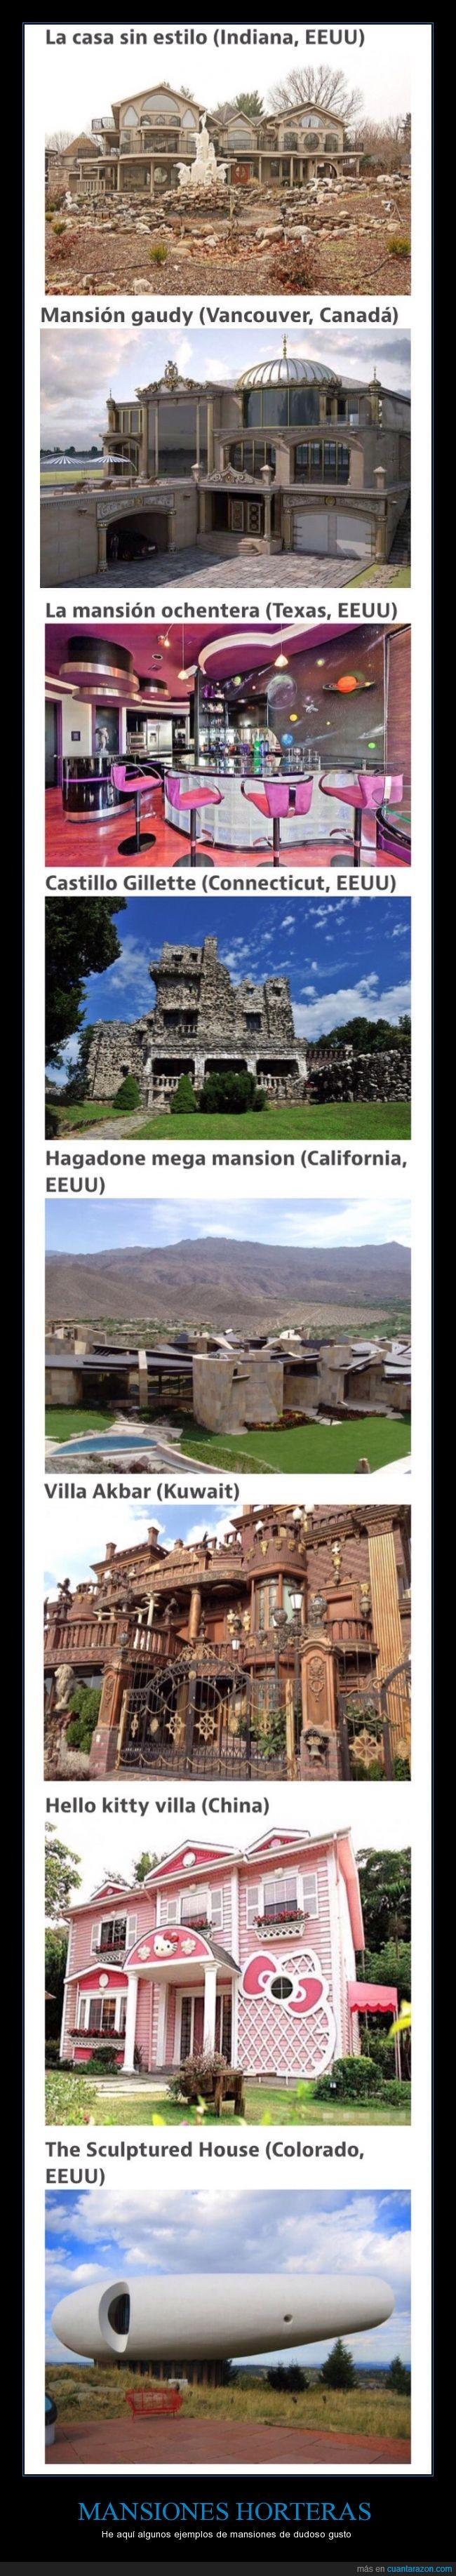 arquitectura,casa,fea,hortera,Mansión,Nicolás cage no aprueba estas mansiones,ochentera,poco divino